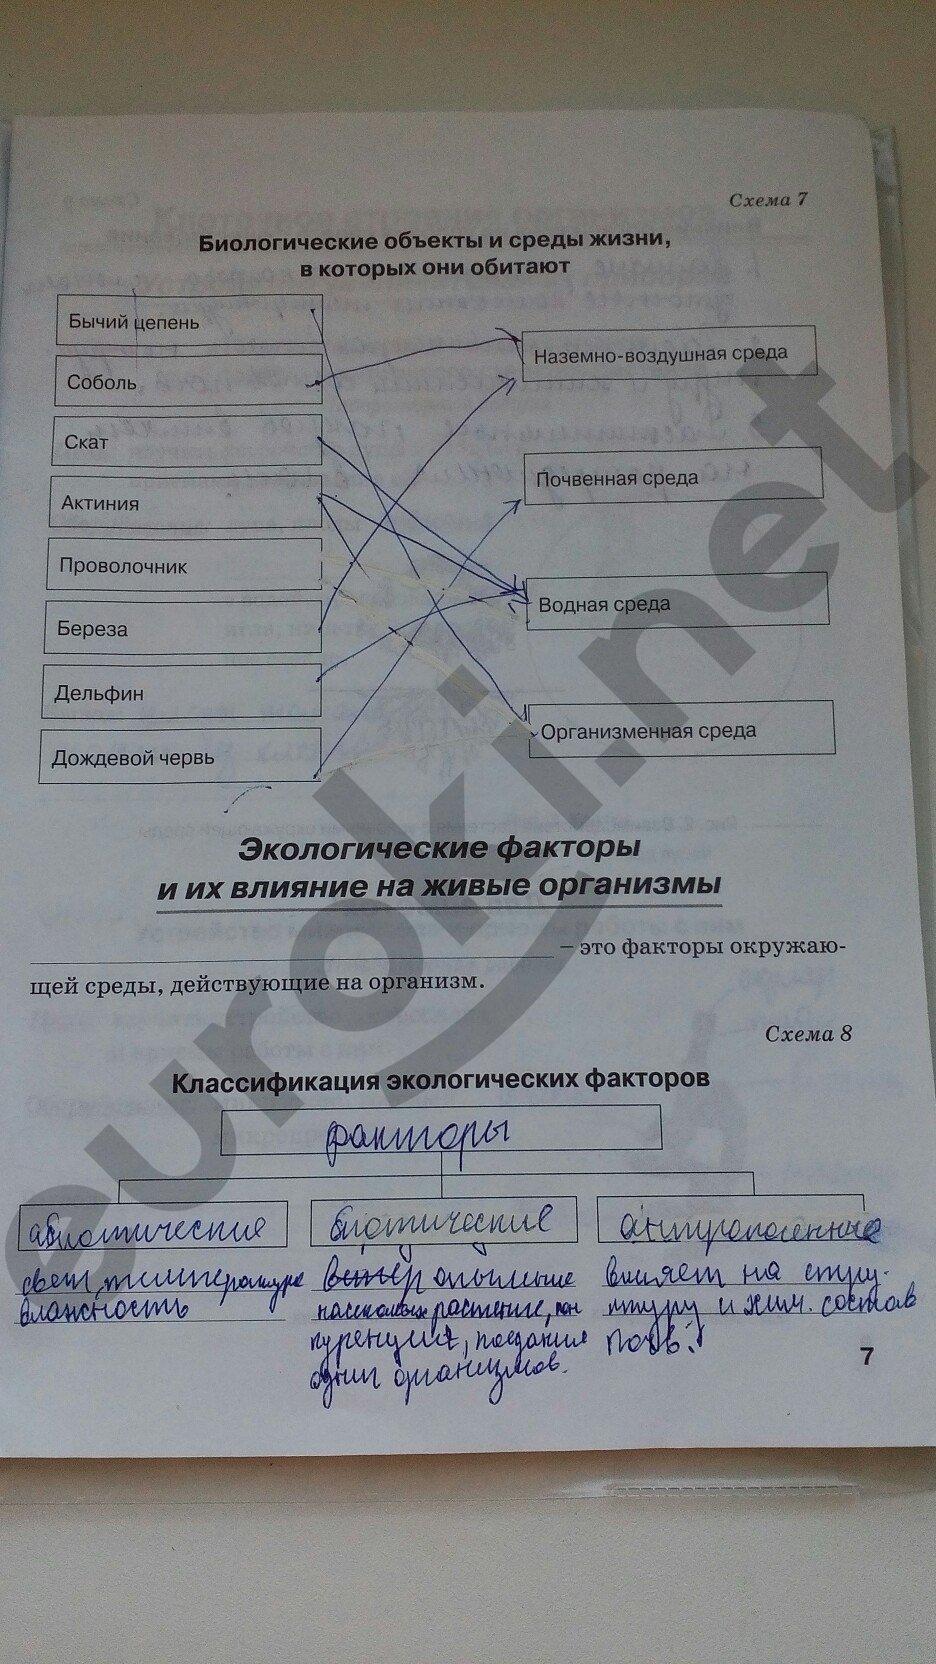 ГДЗ по биологии 5 класс рабочая тетрадь Бодрова. Задание: стр. 7